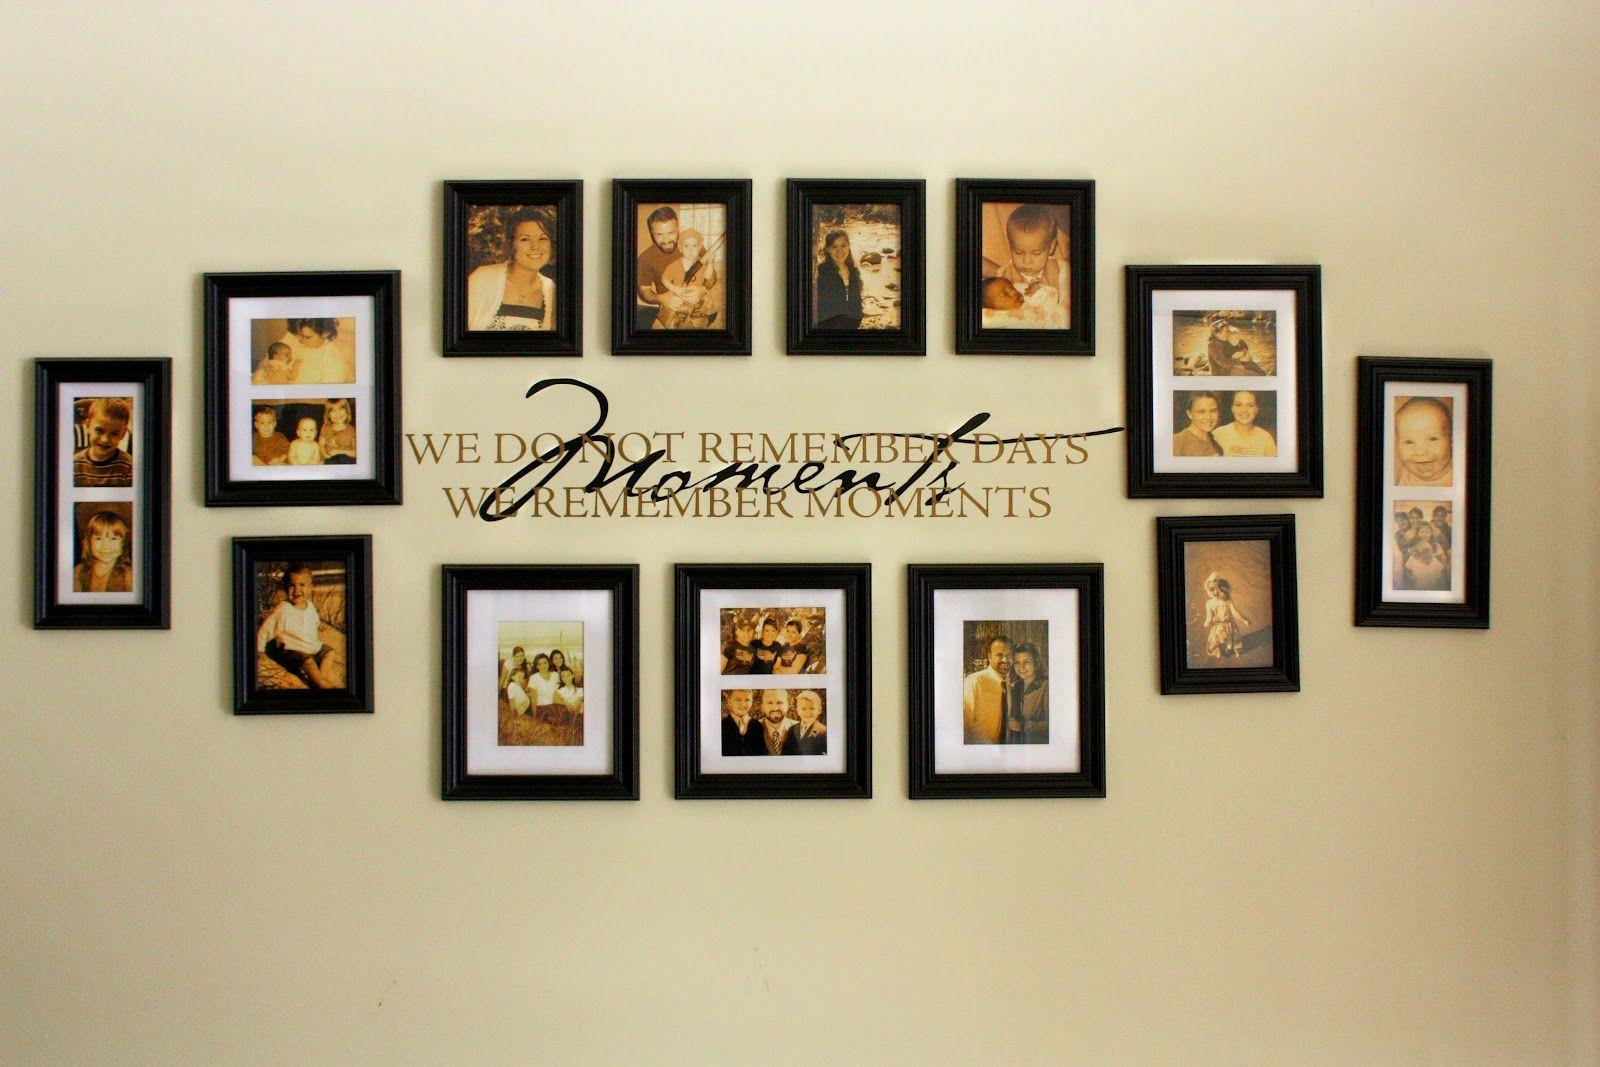 Our Family Wall Collage Family Wall Collage Frame Wall Decor